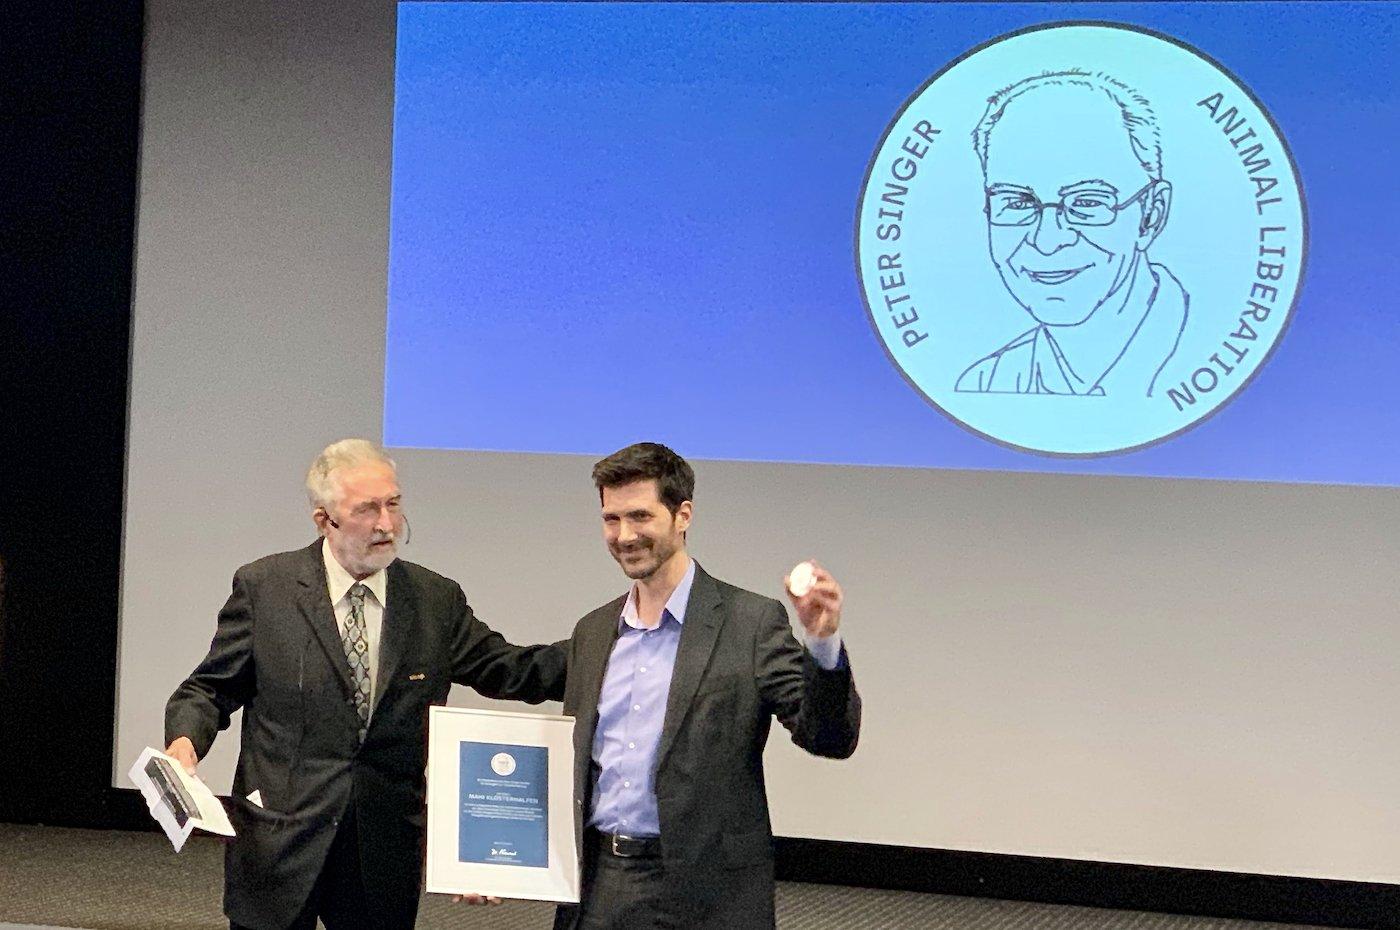 Dr. Walter Neussel überreicht Mahi Klosterhalfen den Peter-Singer-Preis 2019